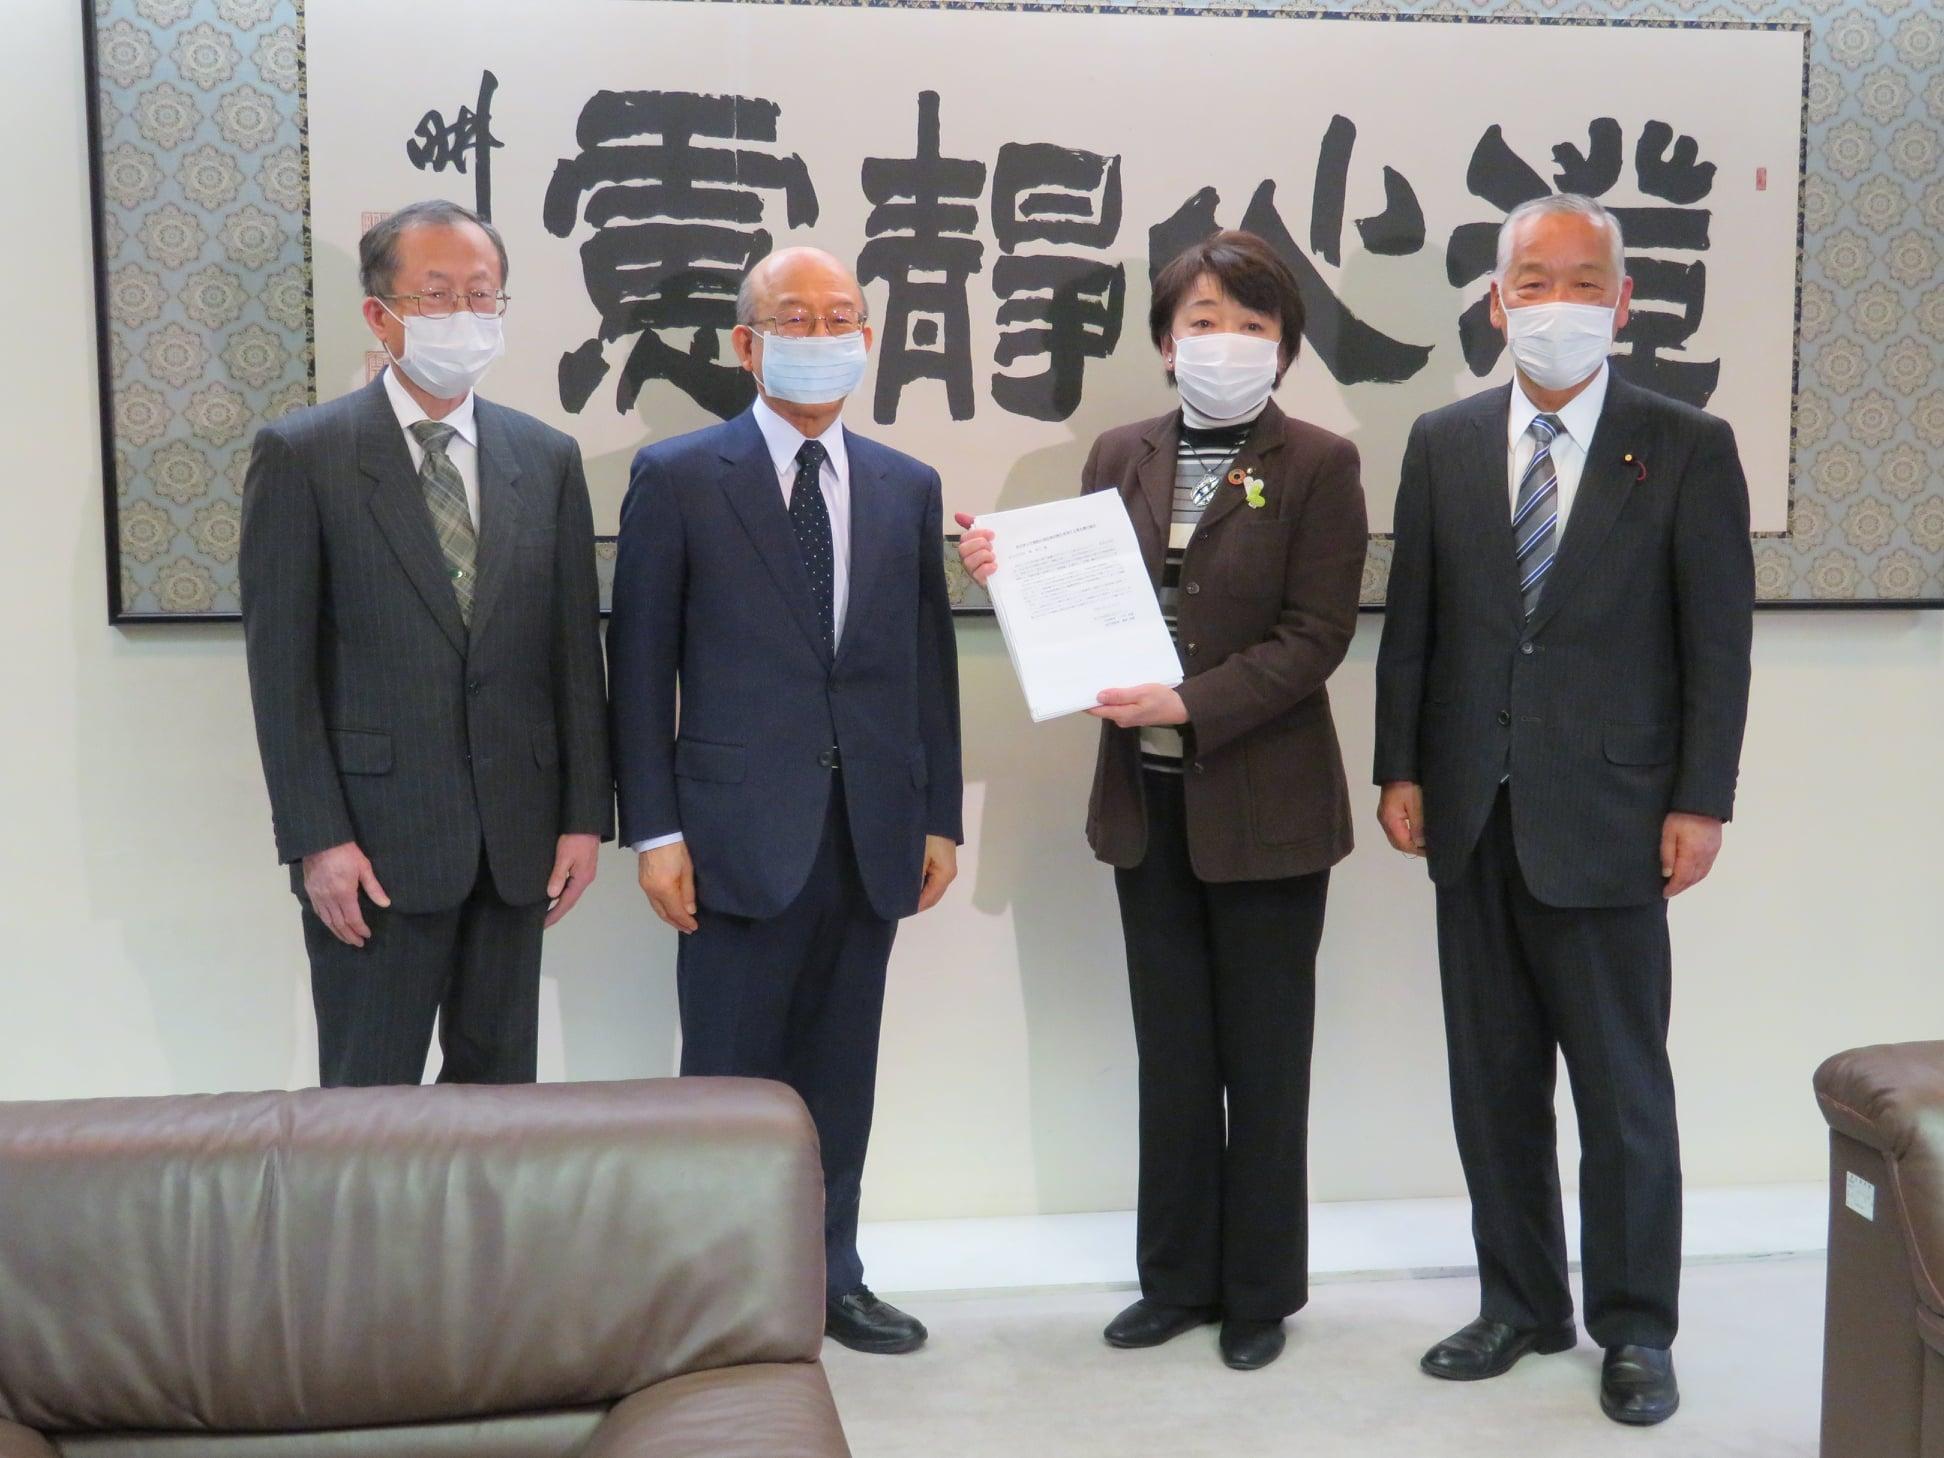 仙台市医師会太白ブロック代表幹事の今村幹雄先生から市長に対し要望が提出されました